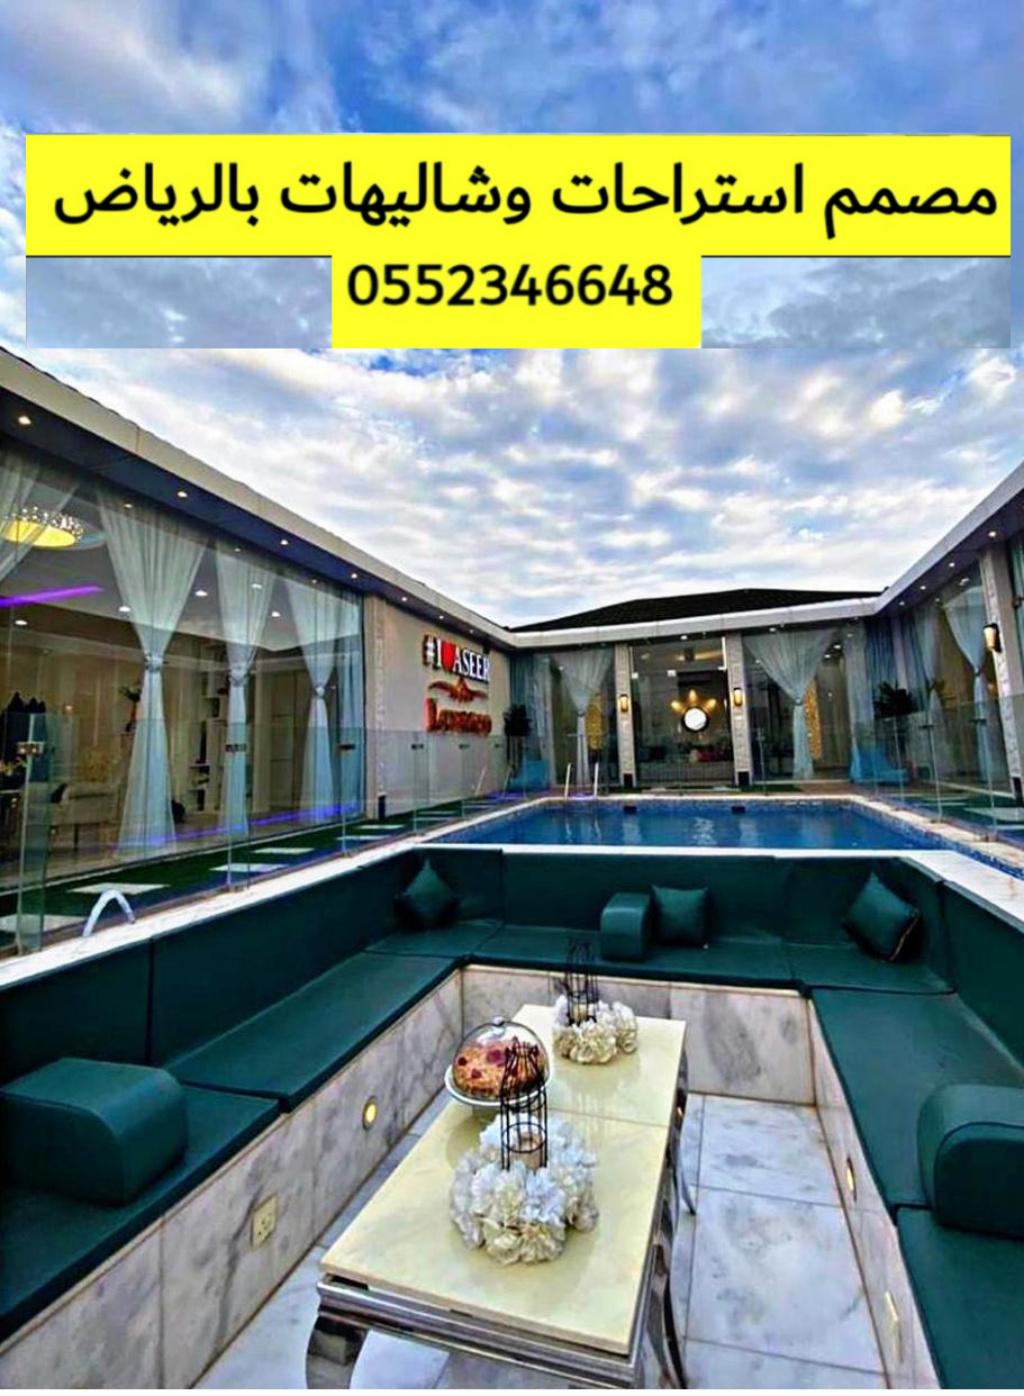 ٥ مصمم استراحات وشاليهات في الرياض 0552346648 مهندس تصميم استراحات بالرياض  P_1758uls214